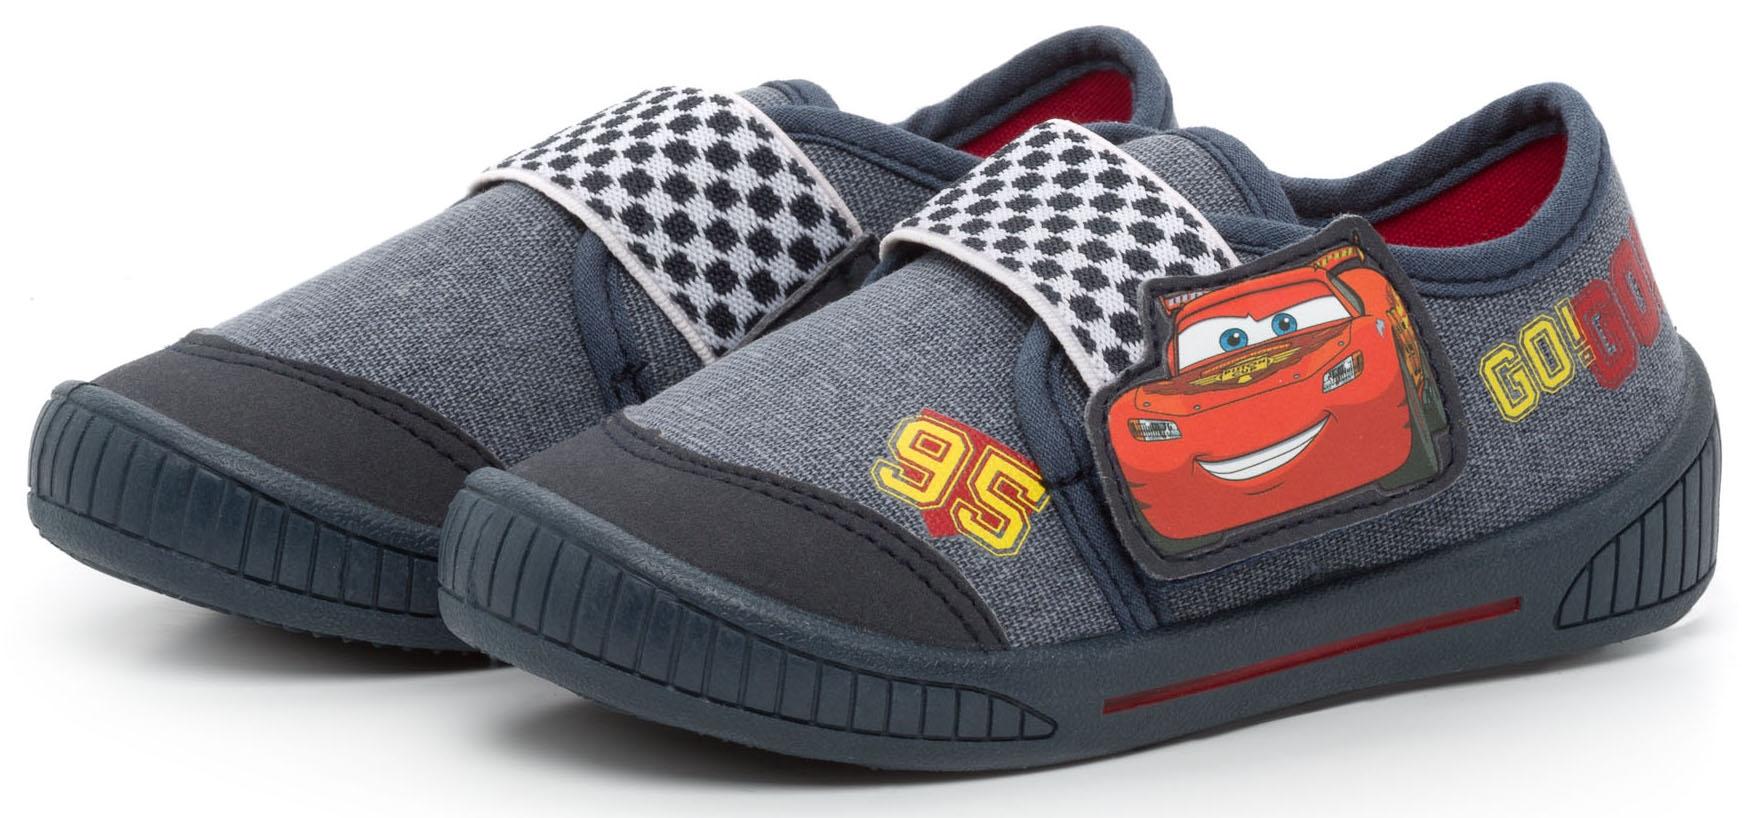 Кроссовки и кеды DISNEY CARS 2 Полуботинки типа кроссовых для мальчика Disney cars 2, темно синие converse синие текстильные кроссовки